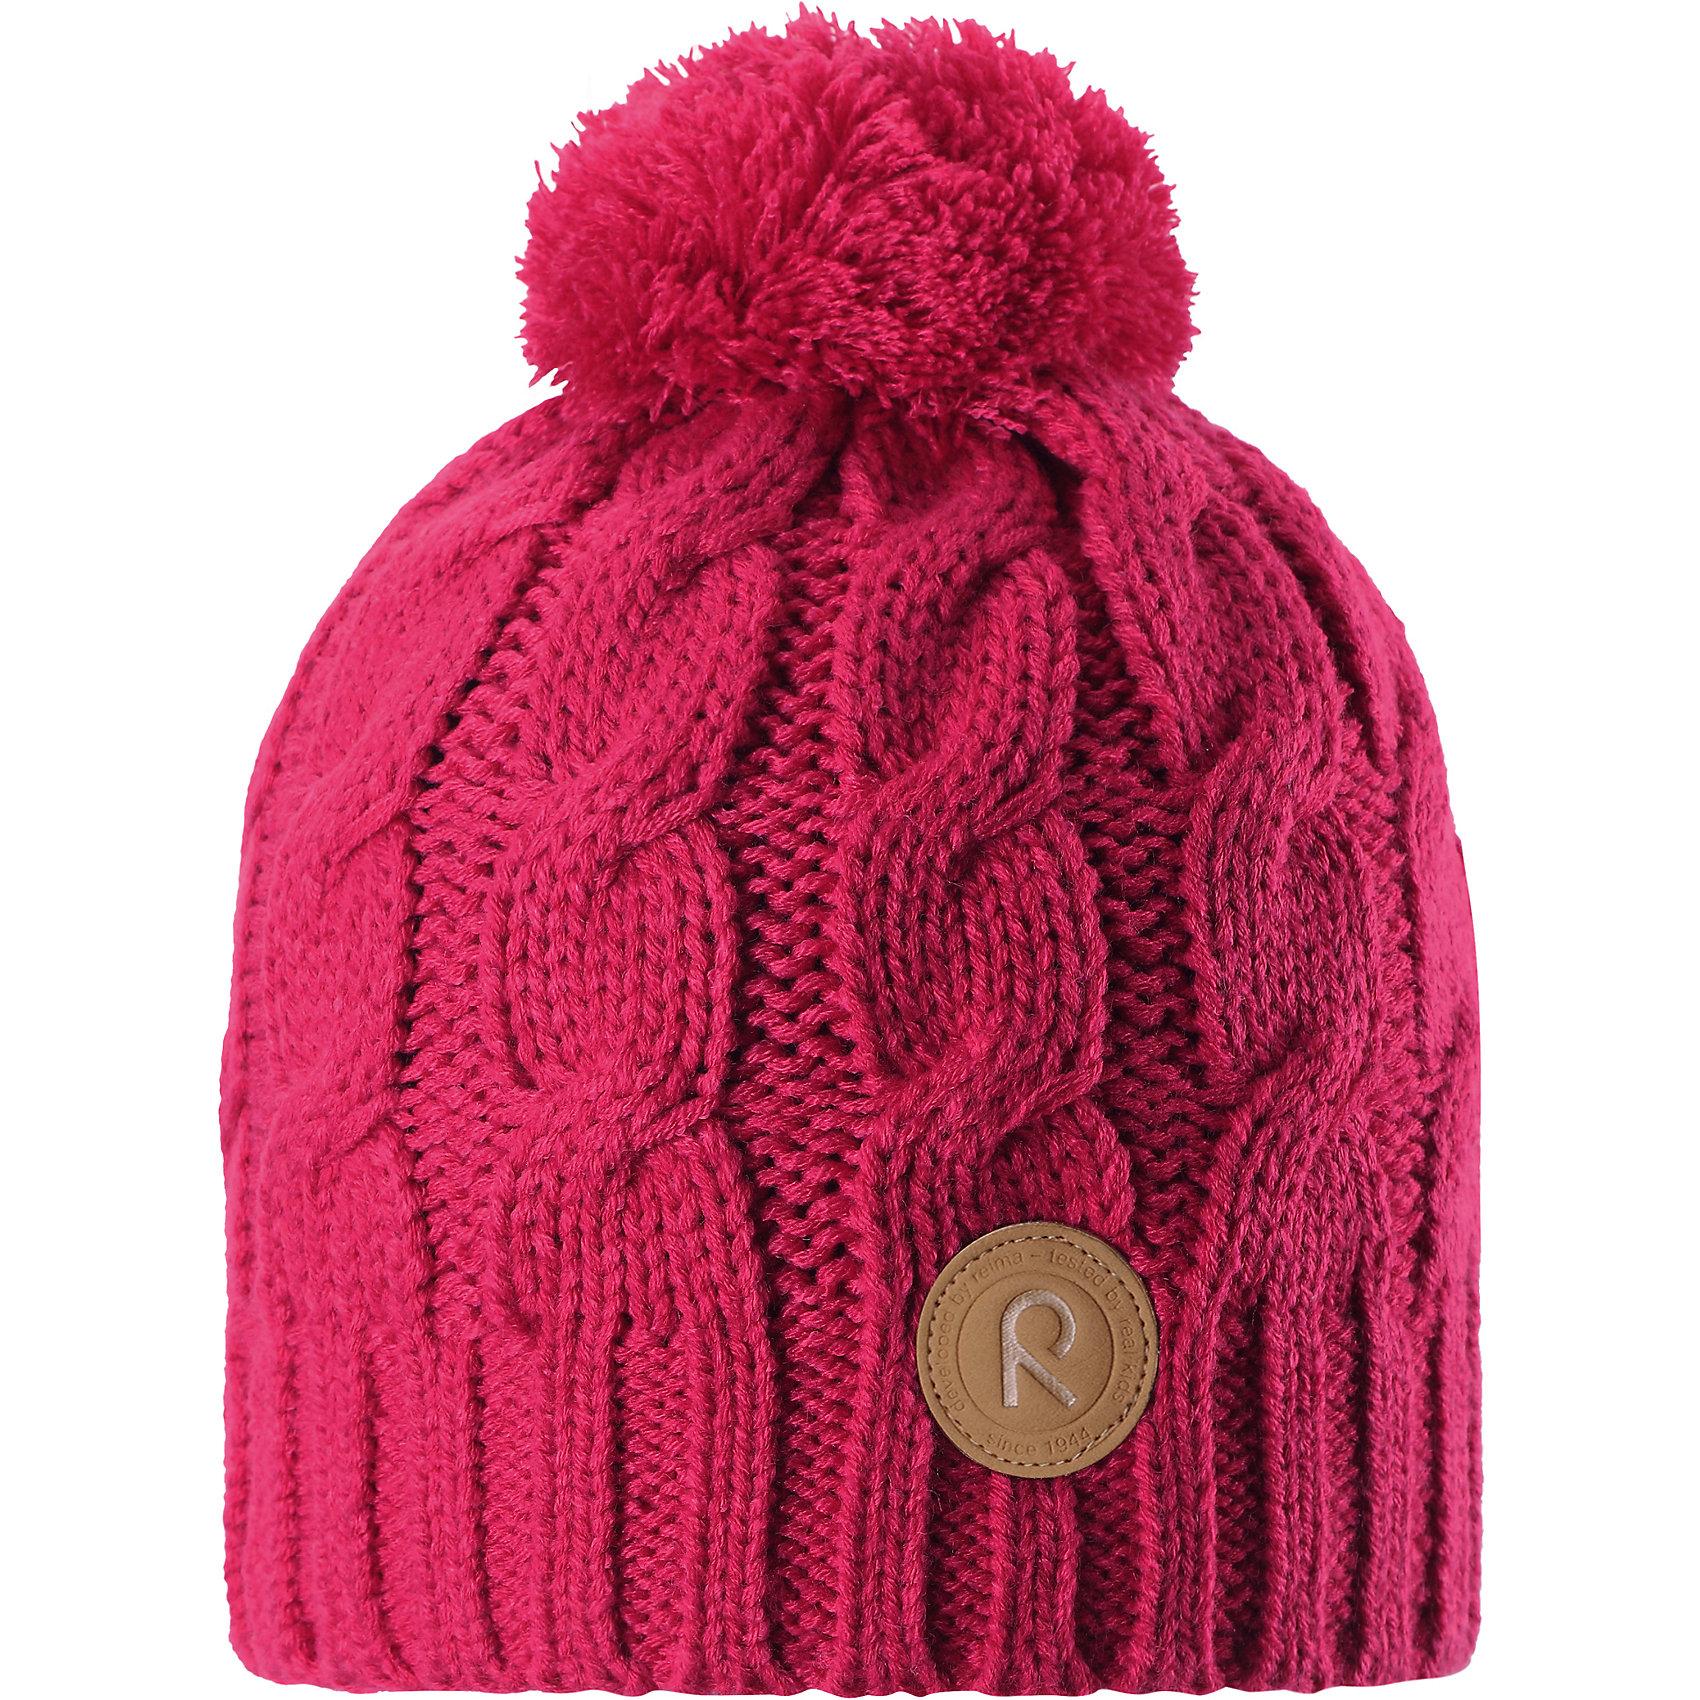 Шапка Reima LaavuГоловные уборы<br>Характеристики товара:<br><br>• цвет: розовый;<br>• состав: 100% полиакрил;<br>• подкладка: 100% полиэстер, флис;<br>• утеплитель: без дополнительного утепления;<br>• сезон: зима;<br>• температурный режим: от 0 до -20С;<br>• особенности: вязаная, с помпоном;<br>• теплый, толстый, качественный трикотаж;<br>• ветронепроницаемые вставки в области ушей;<br>• сплошная подкладка: мягкий теплый флис;<br>• светоотражающие детали;<br>• страна бренда: Финляндия;<br>• страна изготовитель: Китай.<br><br>Детская шапка связана из теплой, плотной, высококачественной пряжи. Ветронепроницаемые вставки и подкладка из мягкого и дышащего флиса. Оригинальный структурный узор и большой помпон на макушке дополняют образ.<br><br>Шапку Laavu Reima от финского бренда Reima (Рейма) можно купить в нашем интернет-магазине.<br><br>Ширина мм: 89<br>Глубина мм: 117<br>Высота мм: 44<br>Вес г: 155<br>Цвет: розовый<br>Возраст от месяцев: 84<br>Возраст до месяцев: 144<br>Пол: Унисекс<br>Возраст: Детский<br>Размер: 56,52,54<br>SKU: 6906580